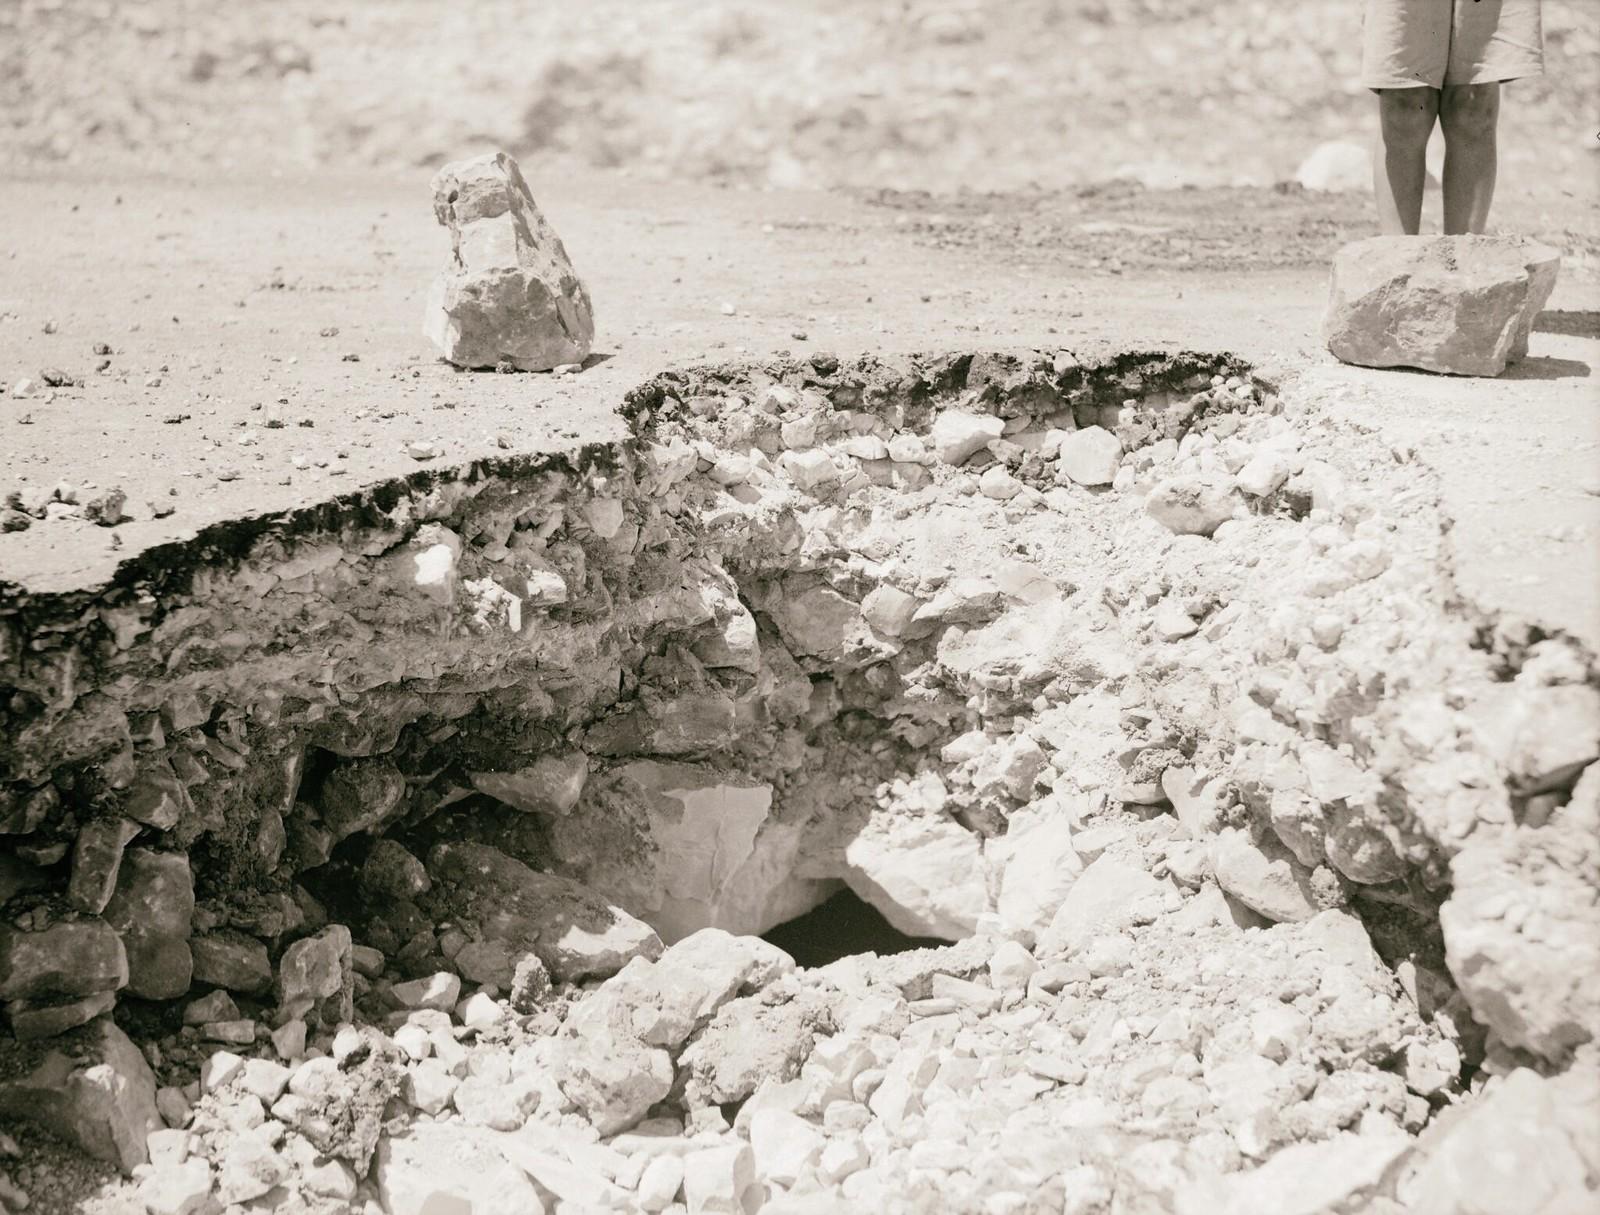 24. 1938. Последствия взрыва заложенной мины на дороге в Хевроне